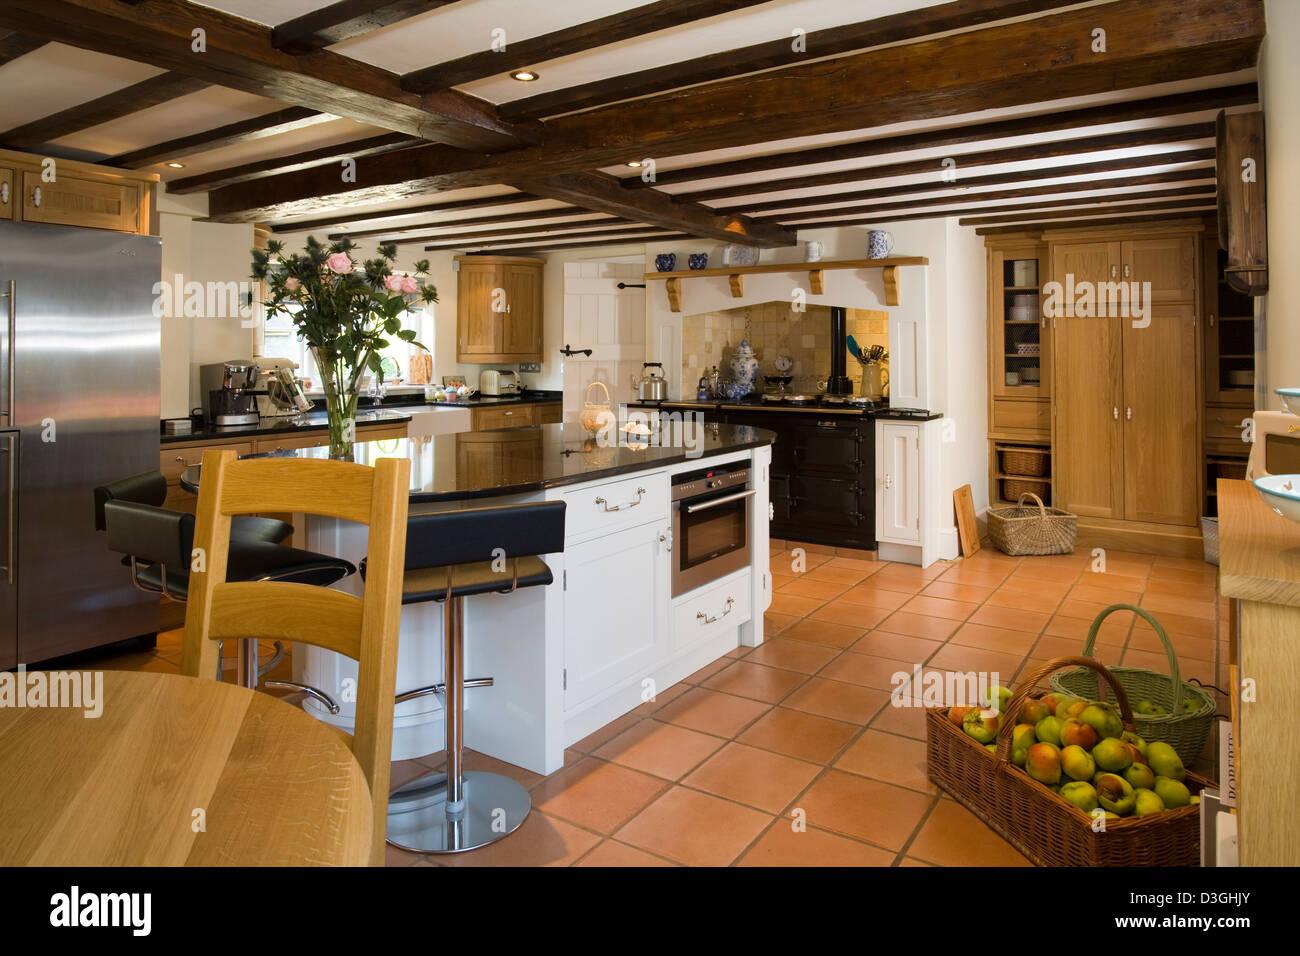 UK. Eine moderne Küche mit einer Kochinsel, AGA-Herd und Holzbalken ...